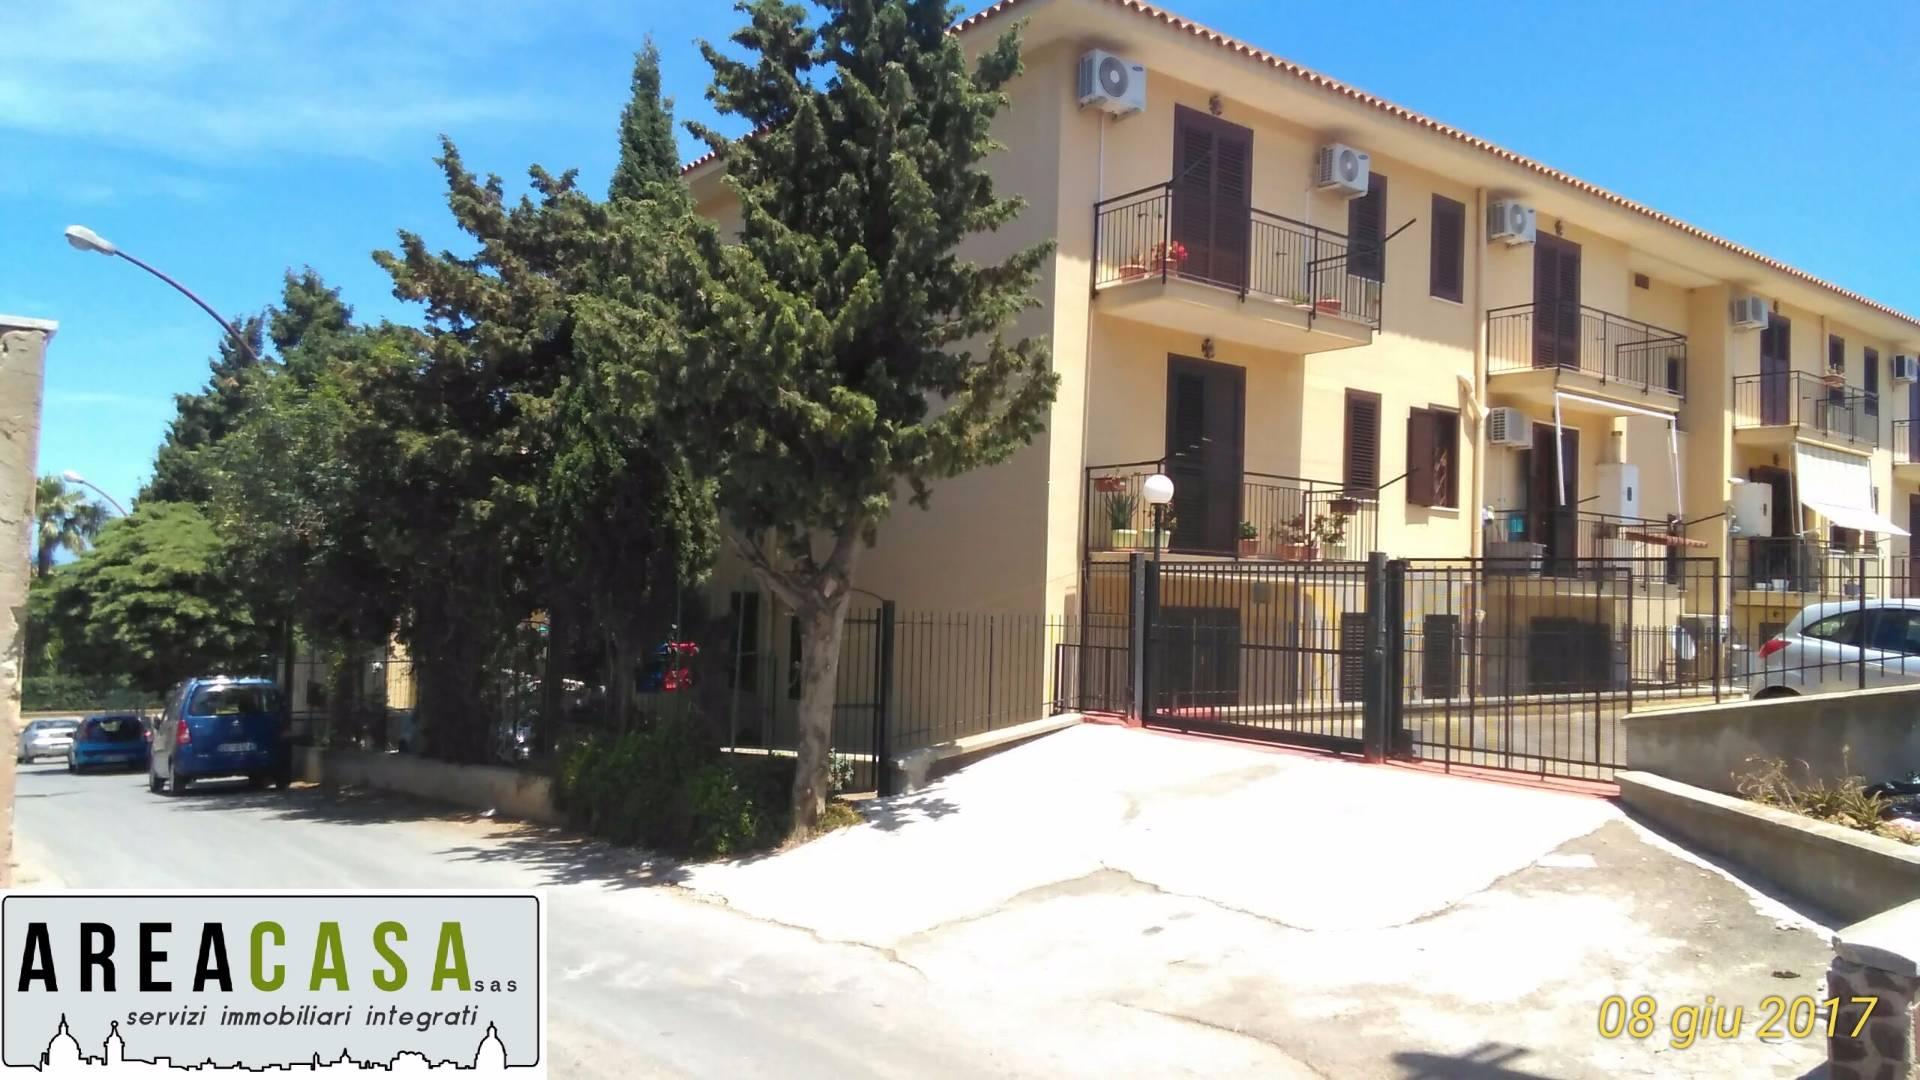 Appartamento in vendita a Carini, 3 locali, prezzo € 110.000 | CambioCasa.it